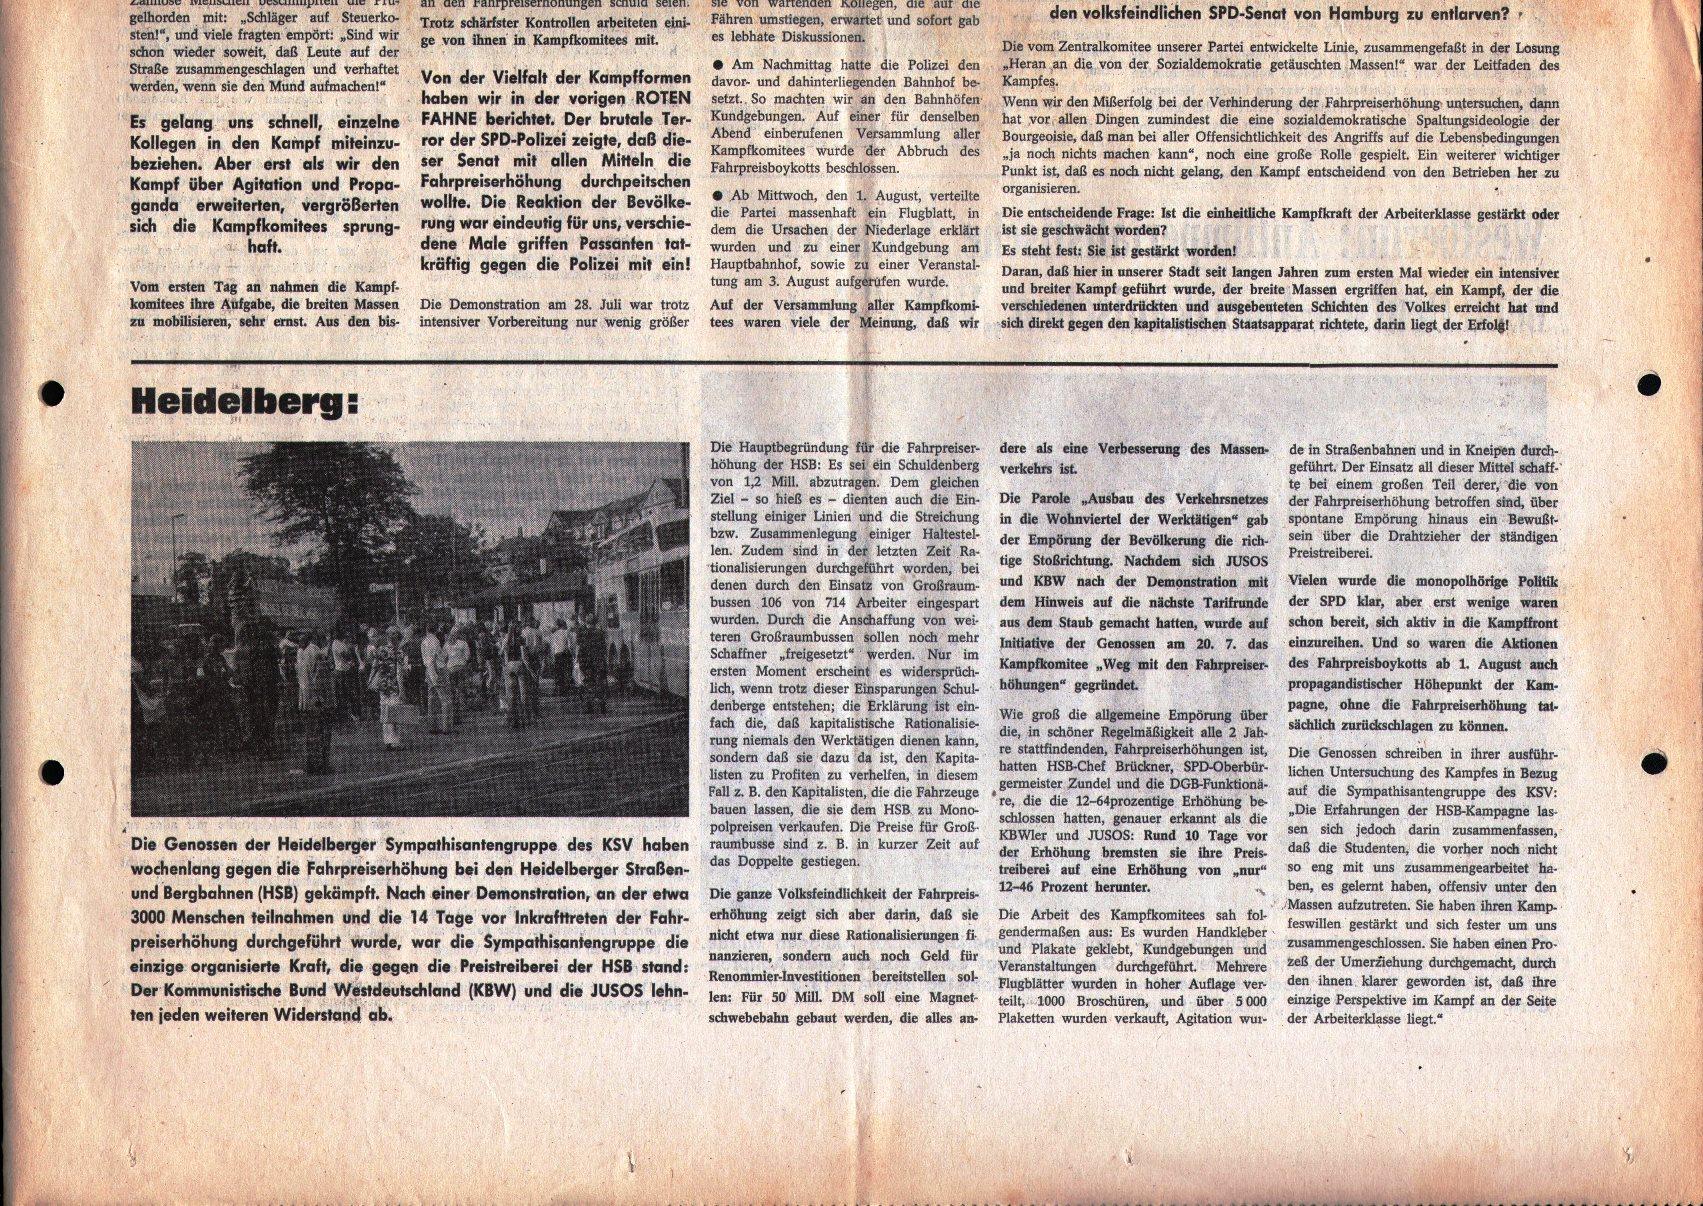 KPD_Rote_Fahne_1973_32_10